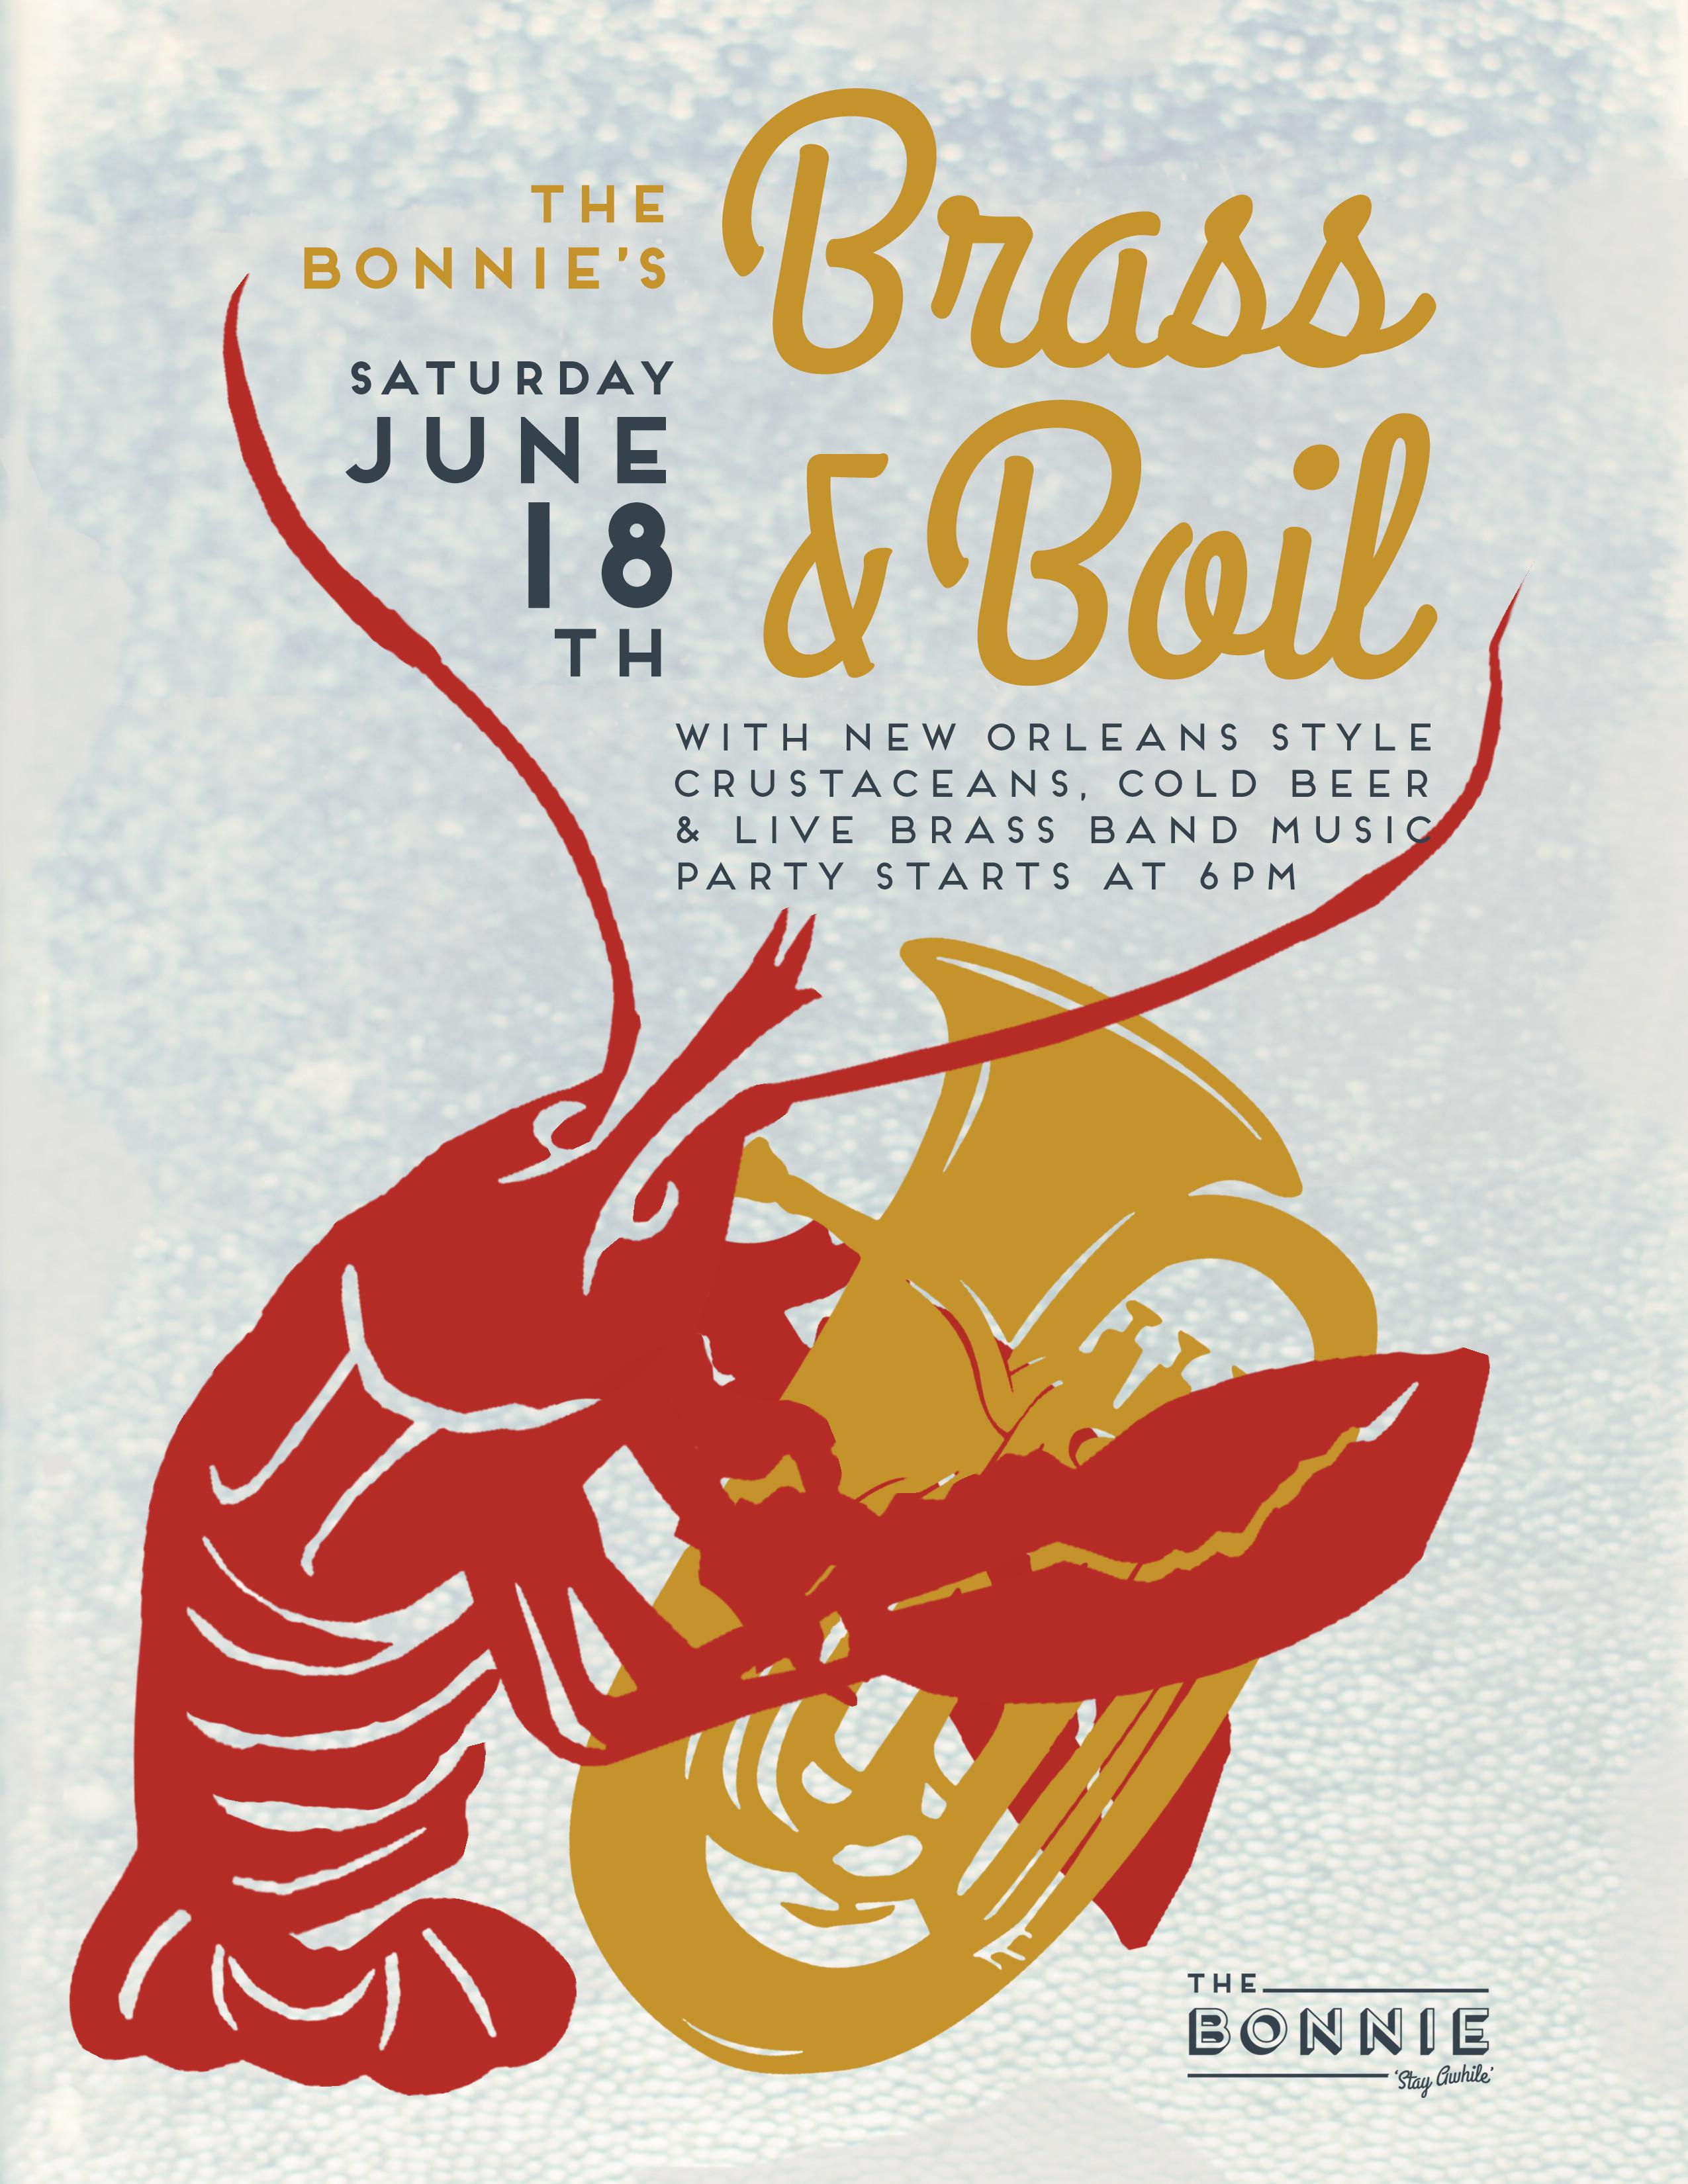 Bonnie-Brass&Boil.jpg